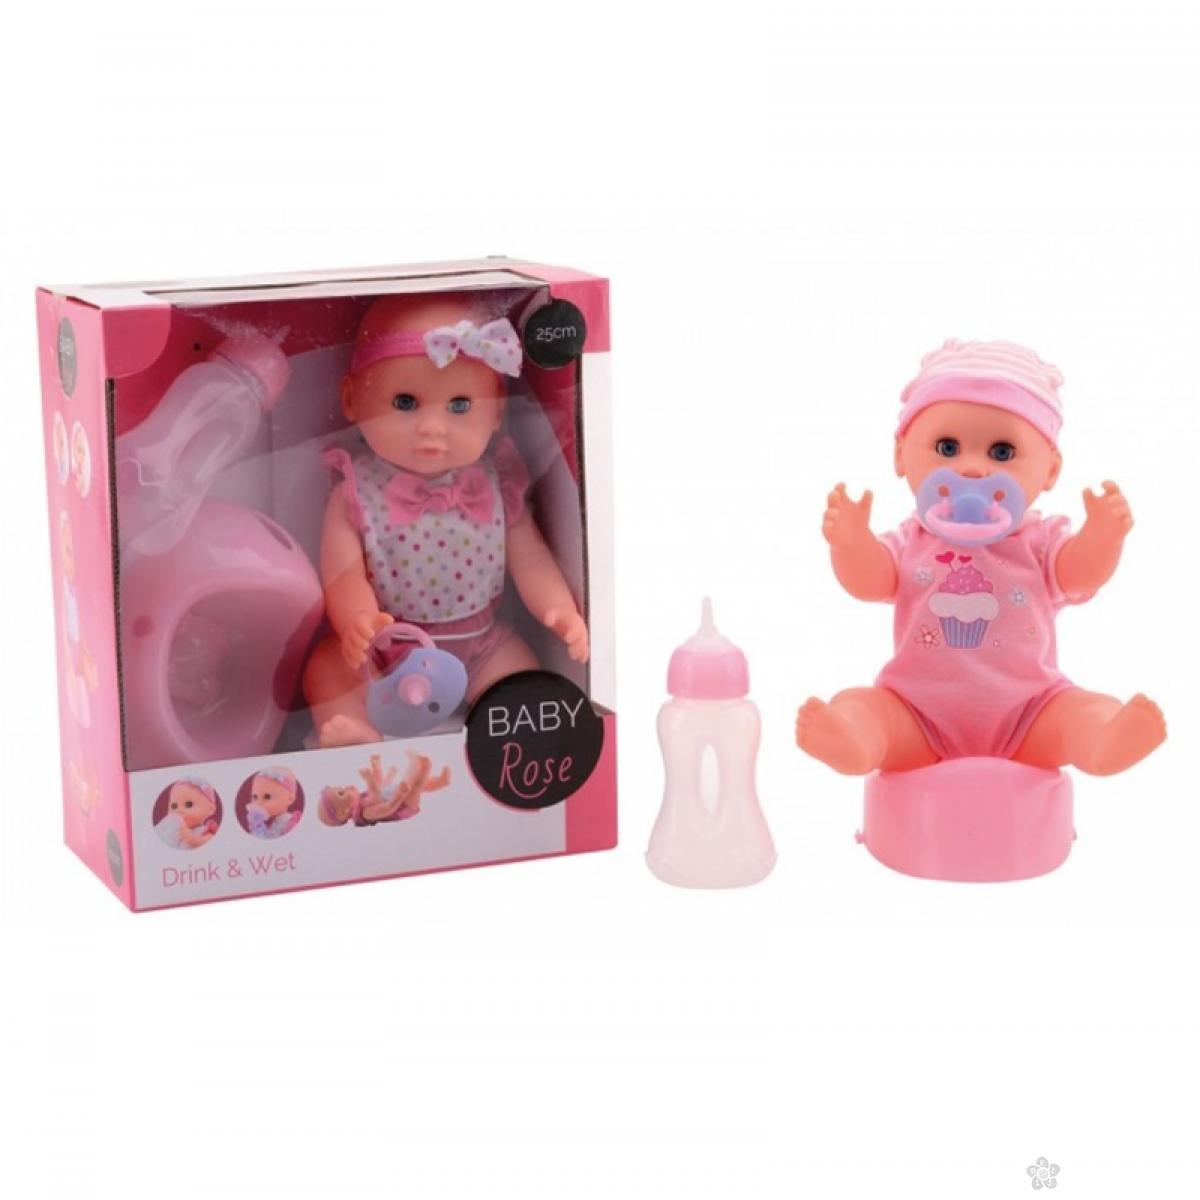 Lutka Beba Rose pije i piški; 25cm